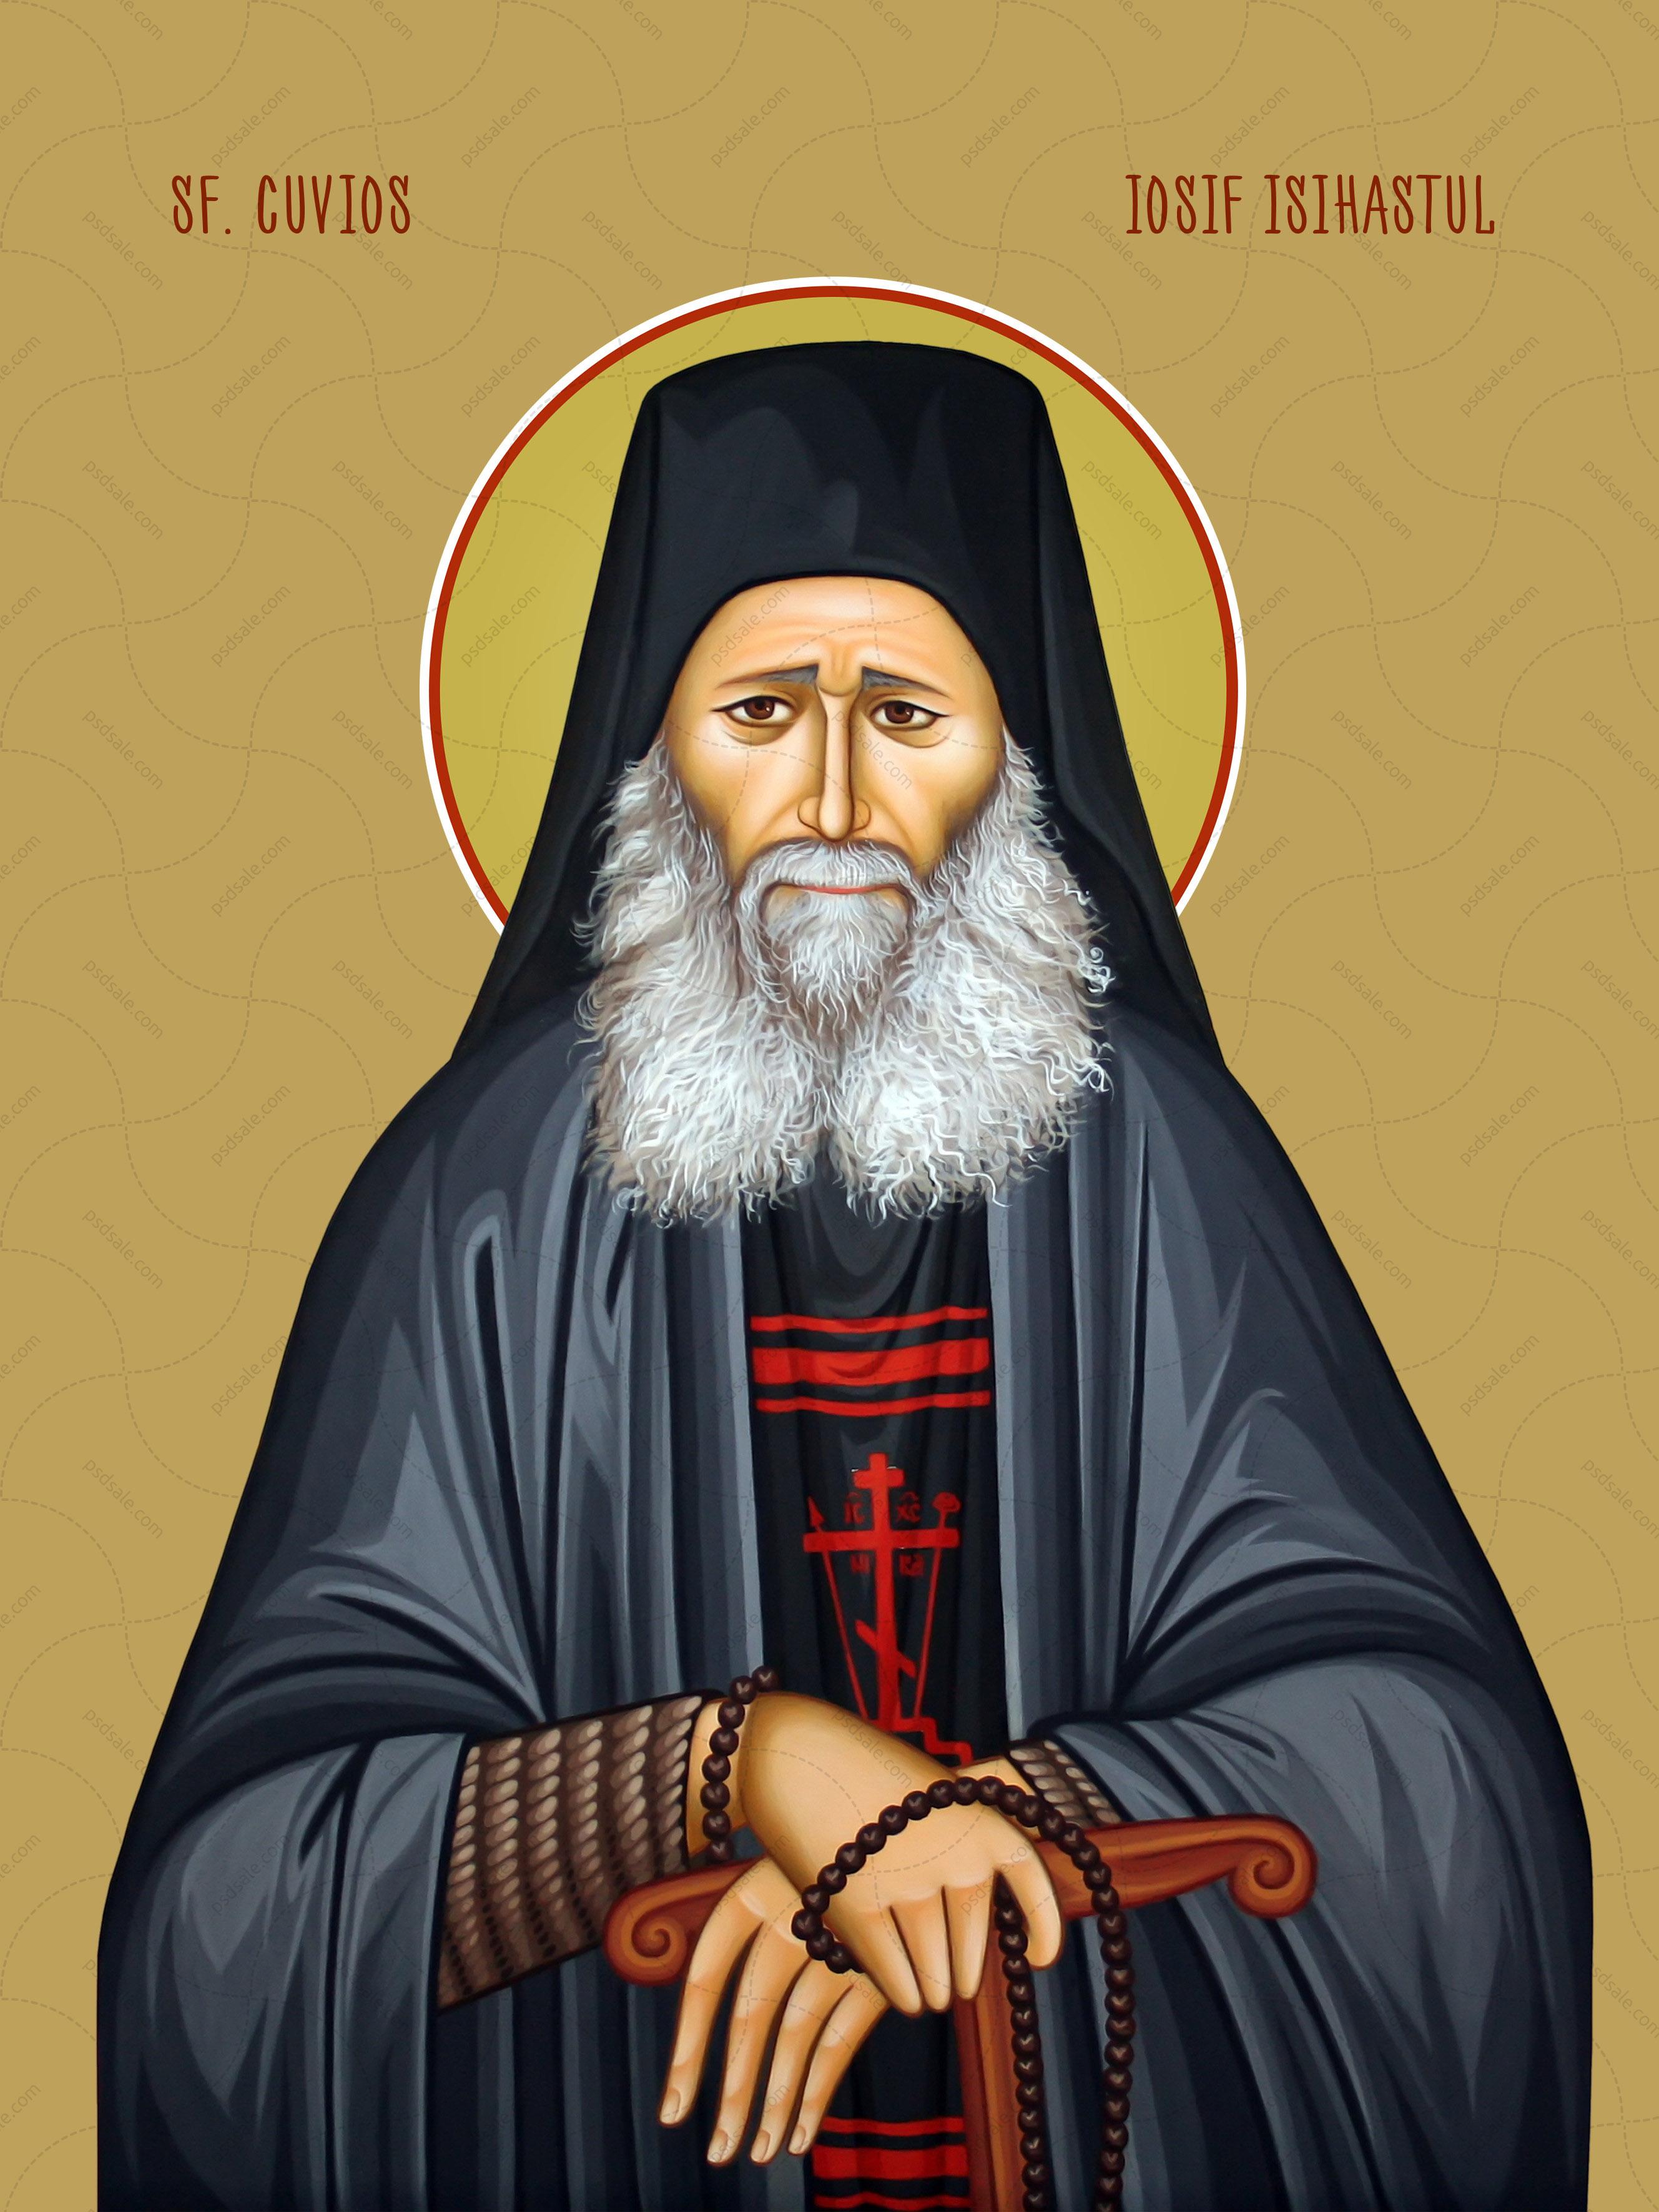 Иосиф Исихаст / Sf. Iosif Isihastul